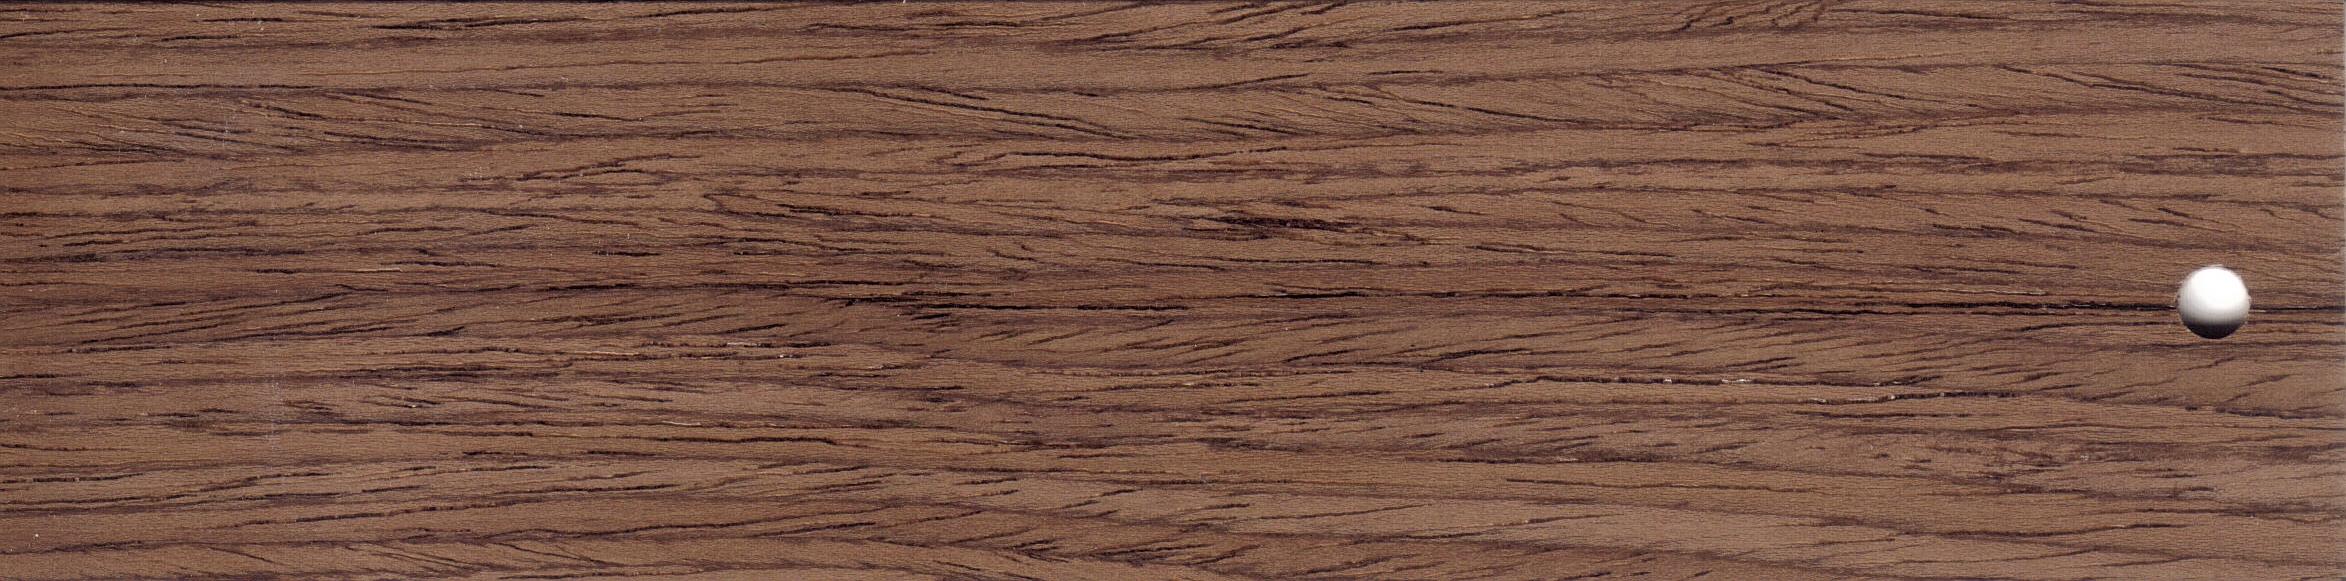 2776 50 mm ŻALUZJE DREWNIANE (żaluzje bambusowe)